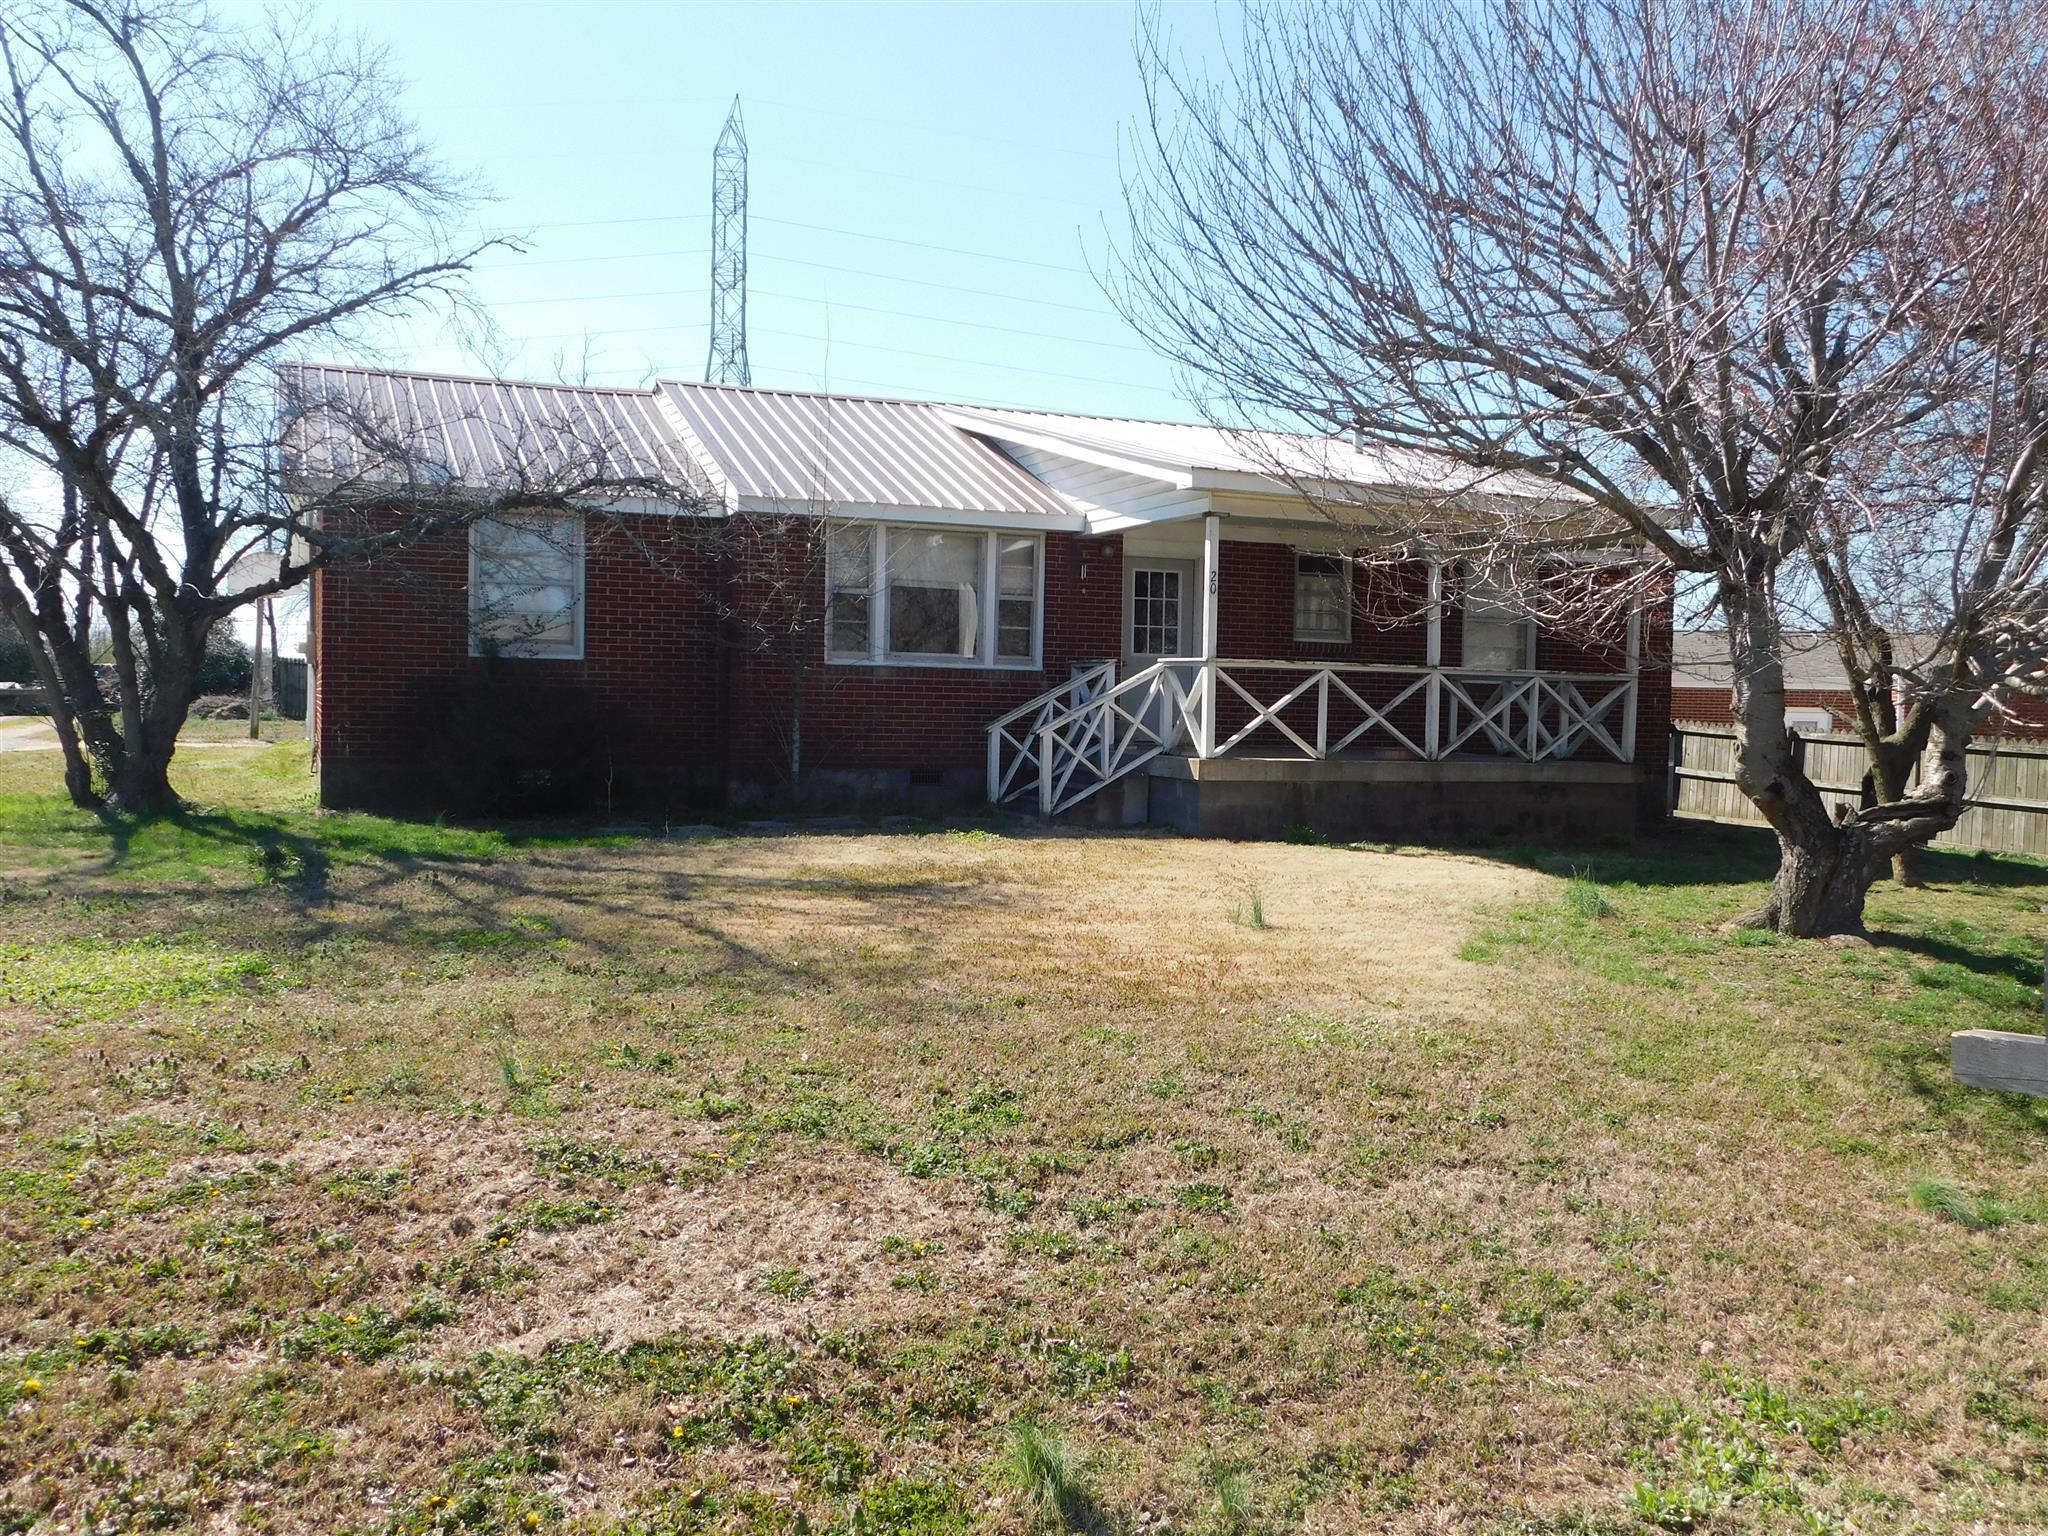 208 Wyly Dr New Johnsonville, TN 37134